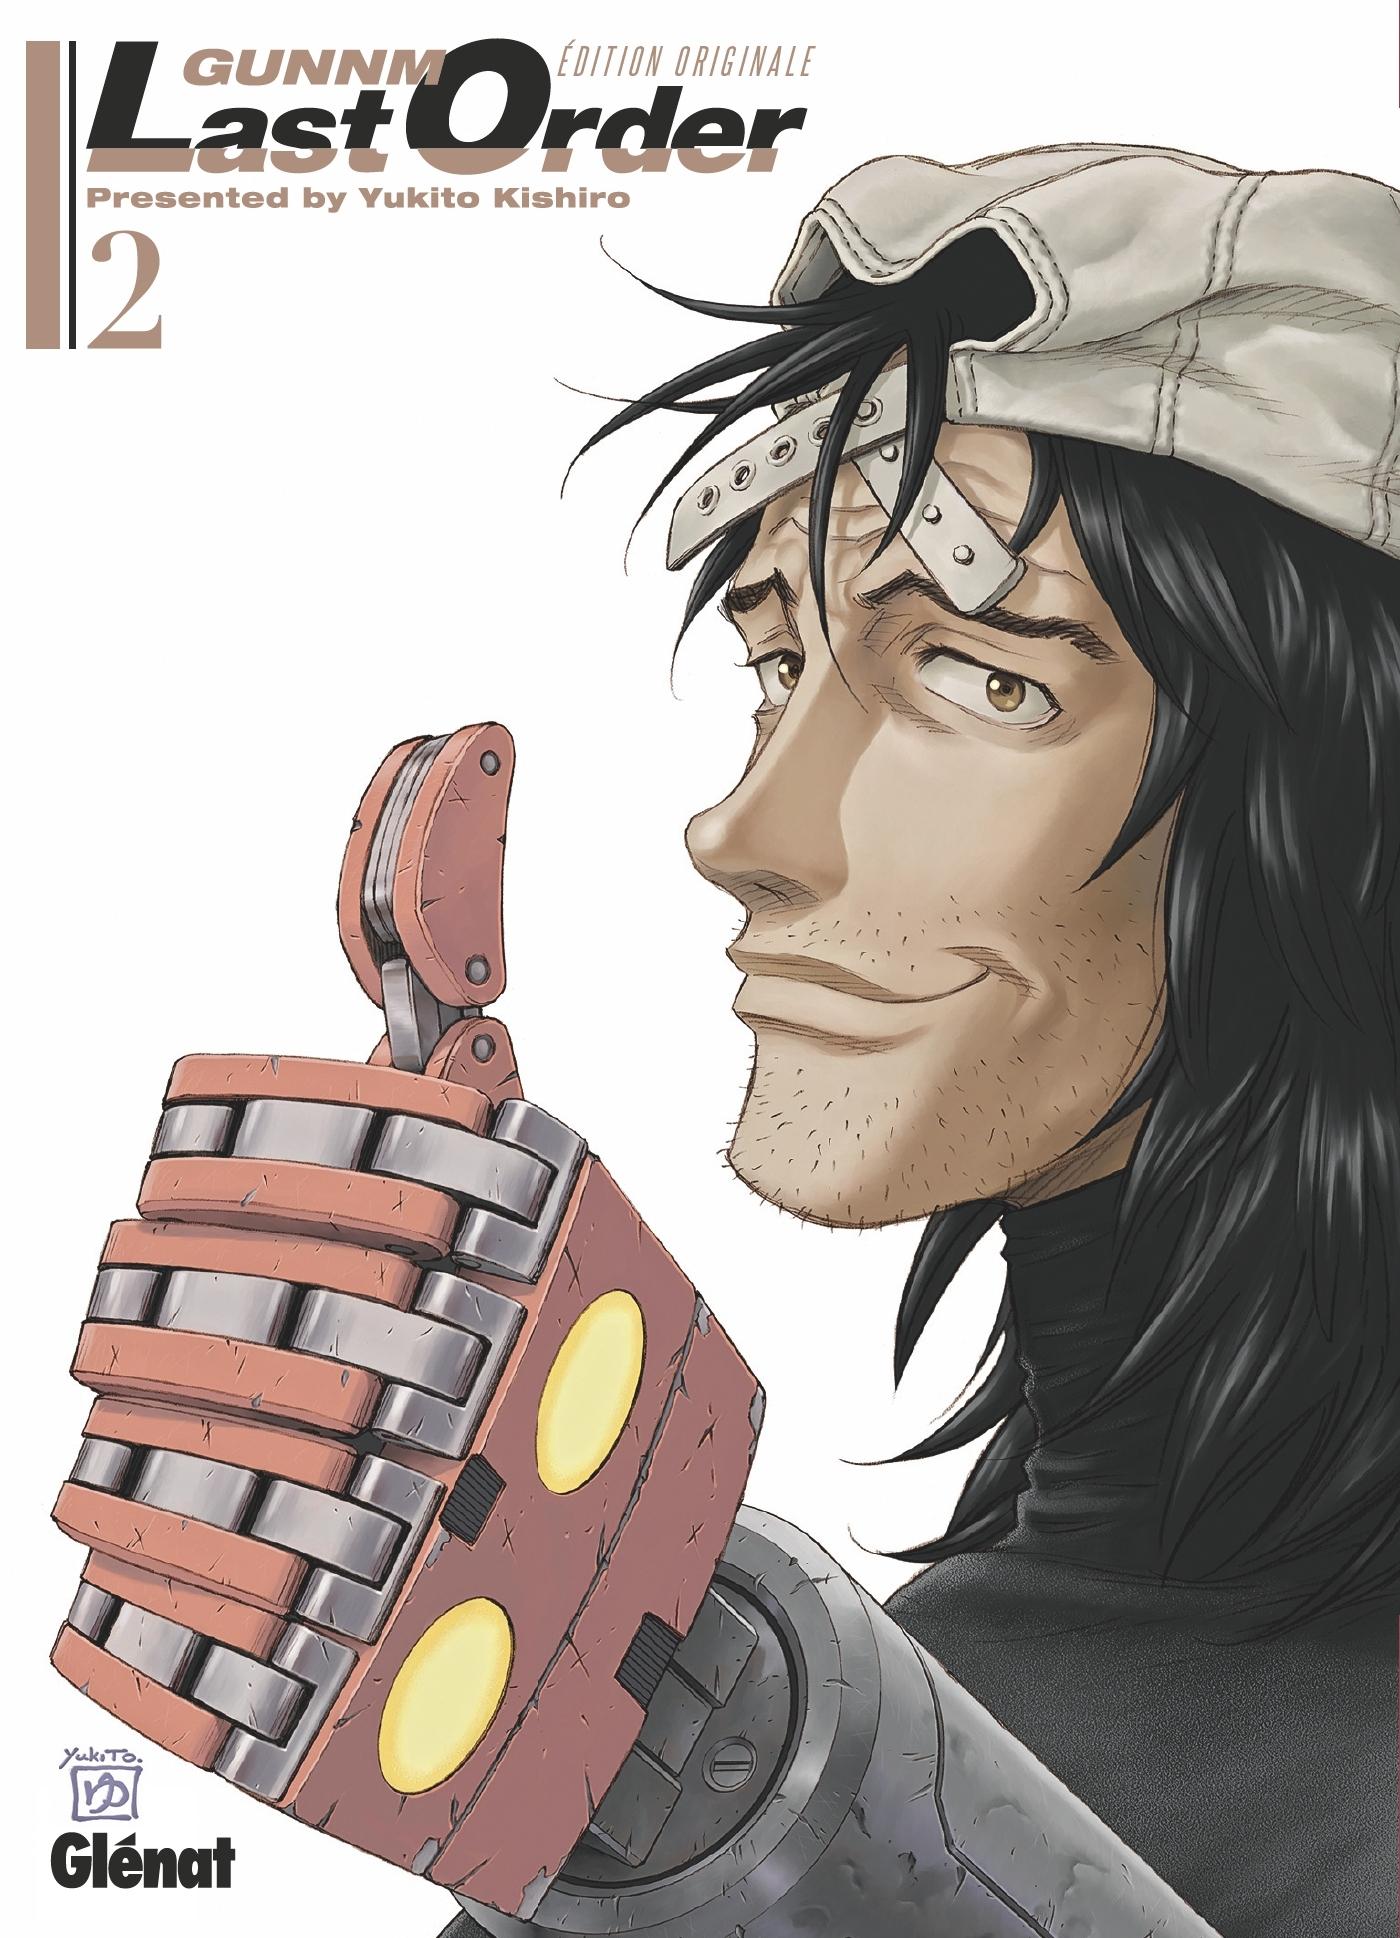 GUNNM LAST ORDER(EDITION ORIGINALE) - TOME 02